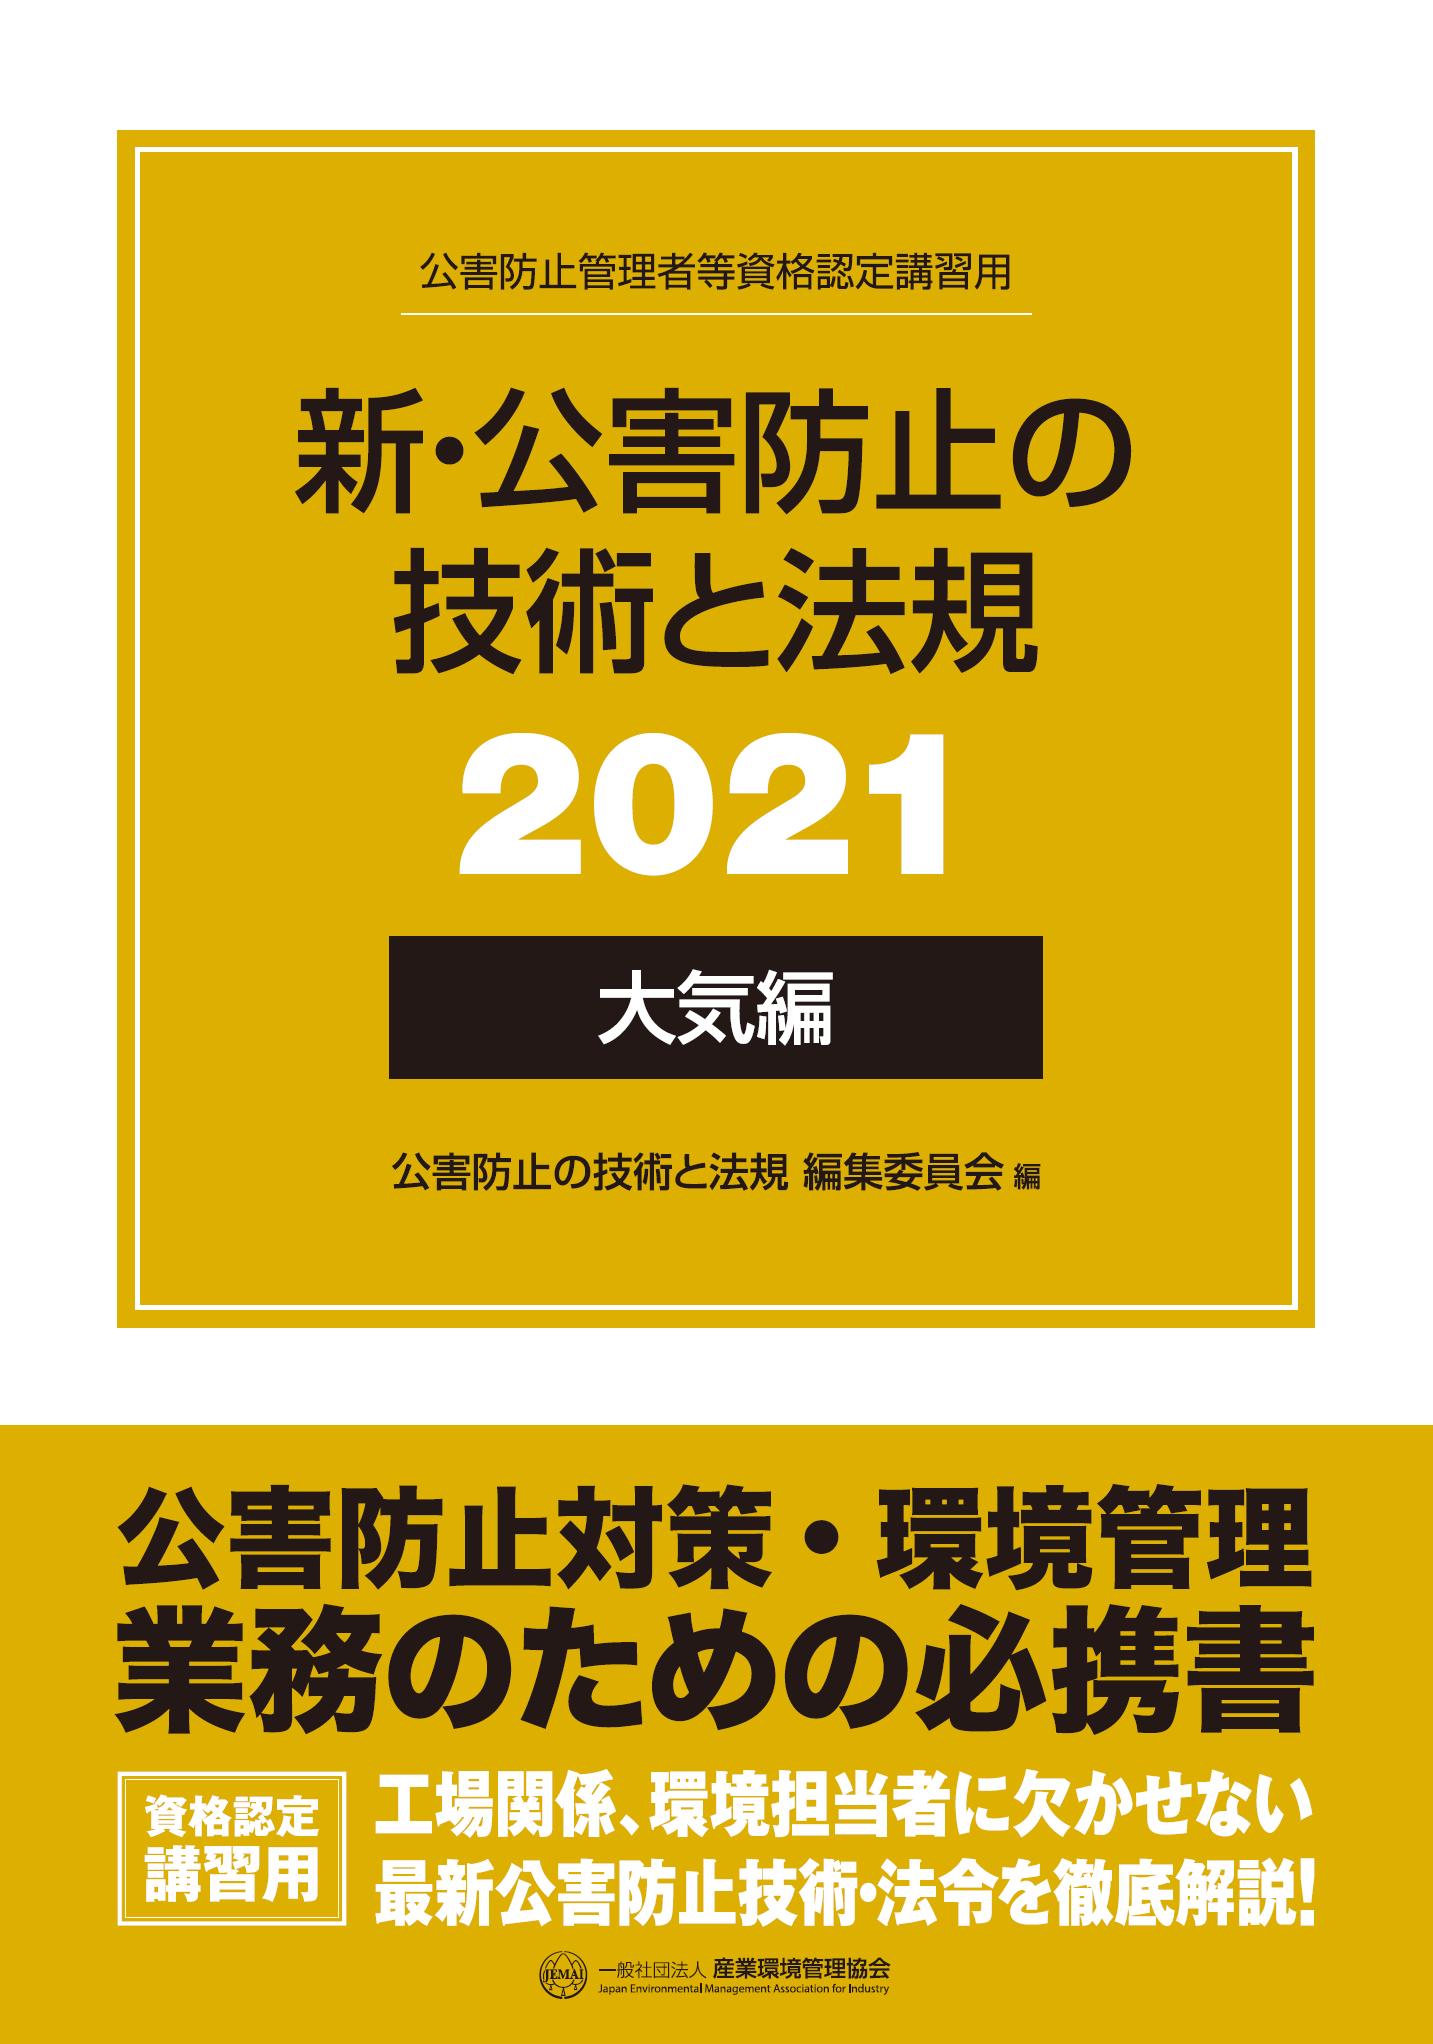 01_air2021.png